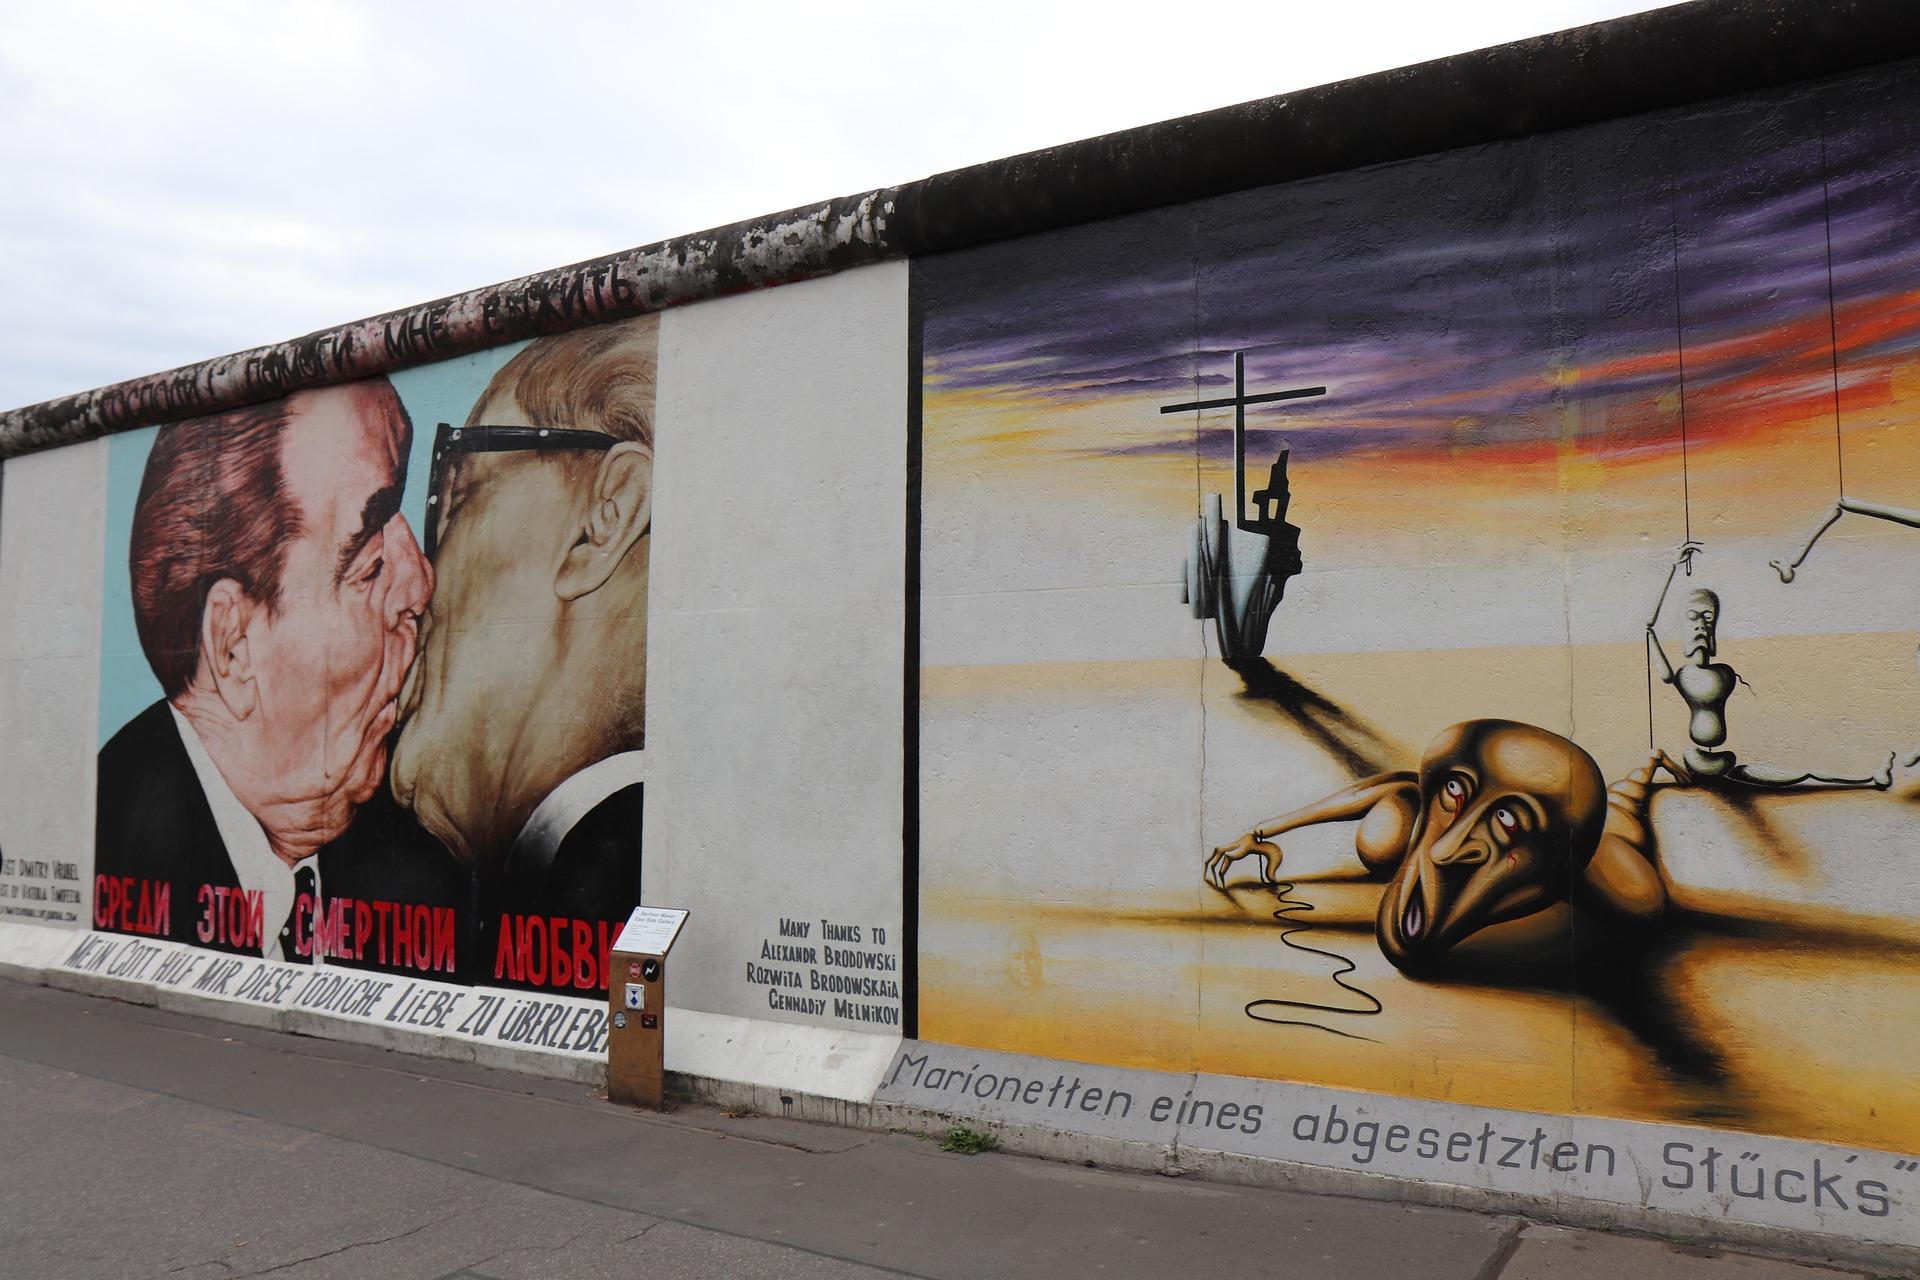 Seværdigheder i Berlin - Berlinmuren